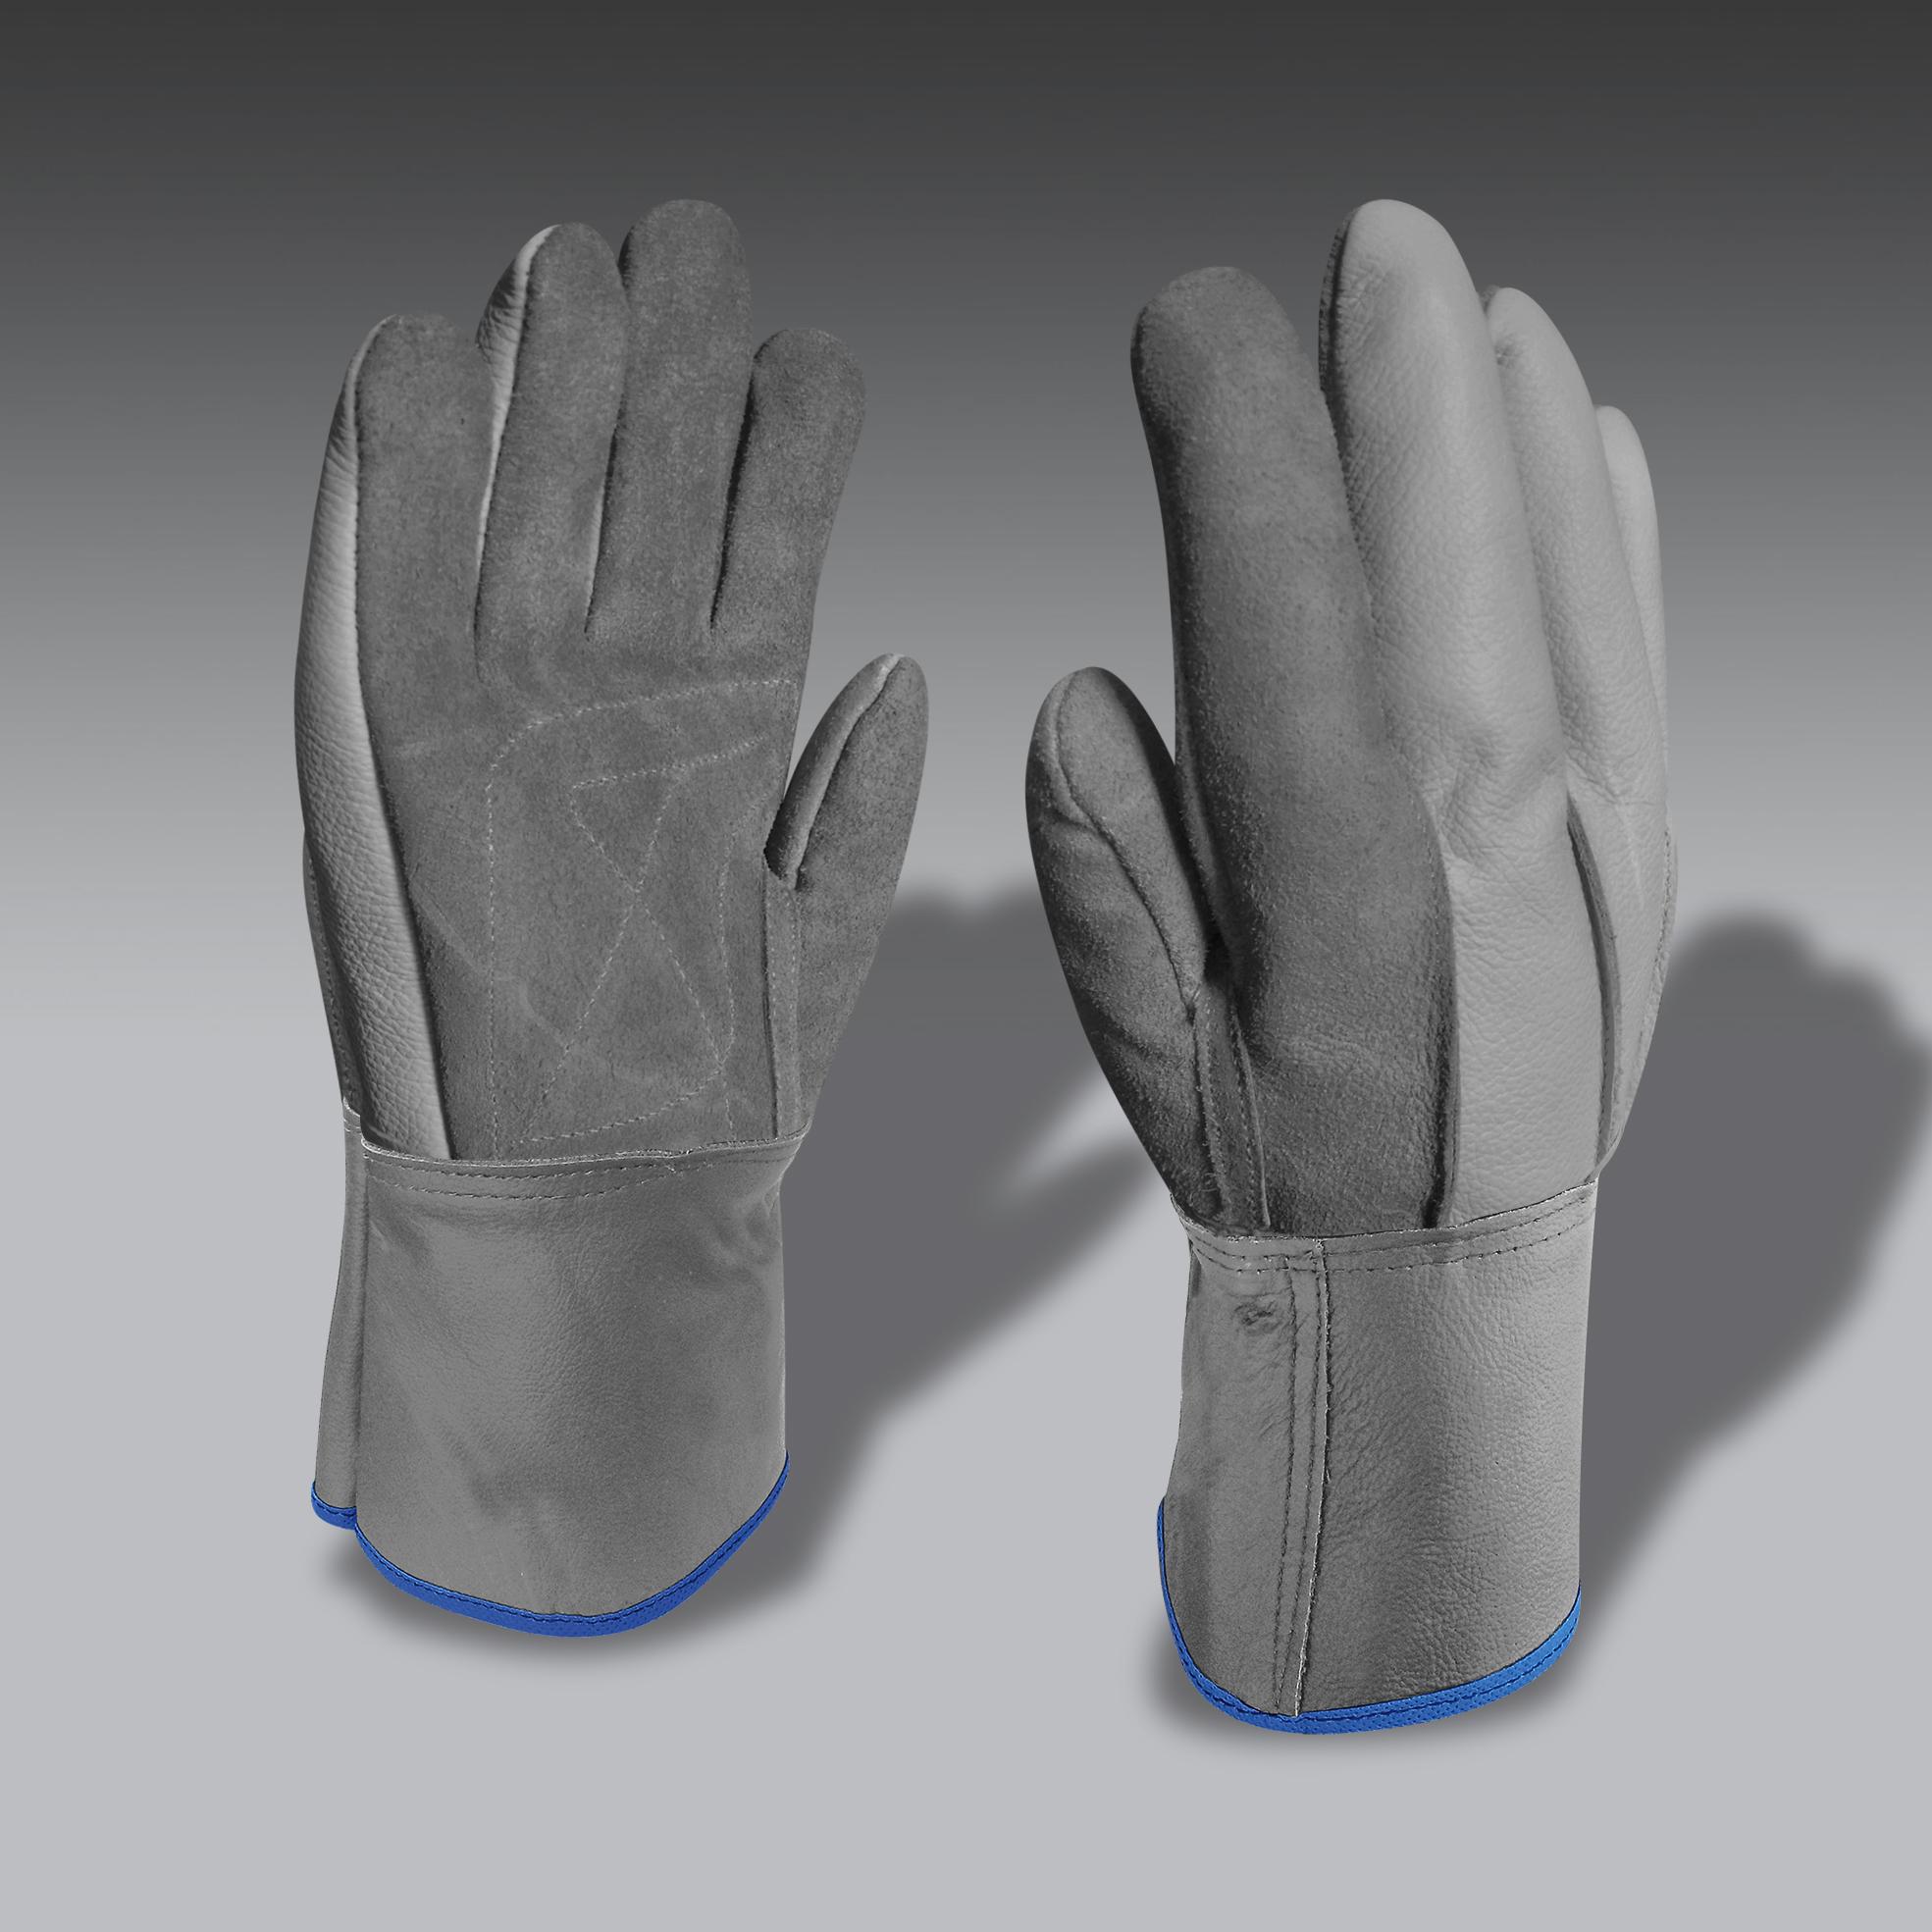 guantes para la seguridad industrial modelo CarEco 06 guantes de seguridad industrial modelo CarEco 06